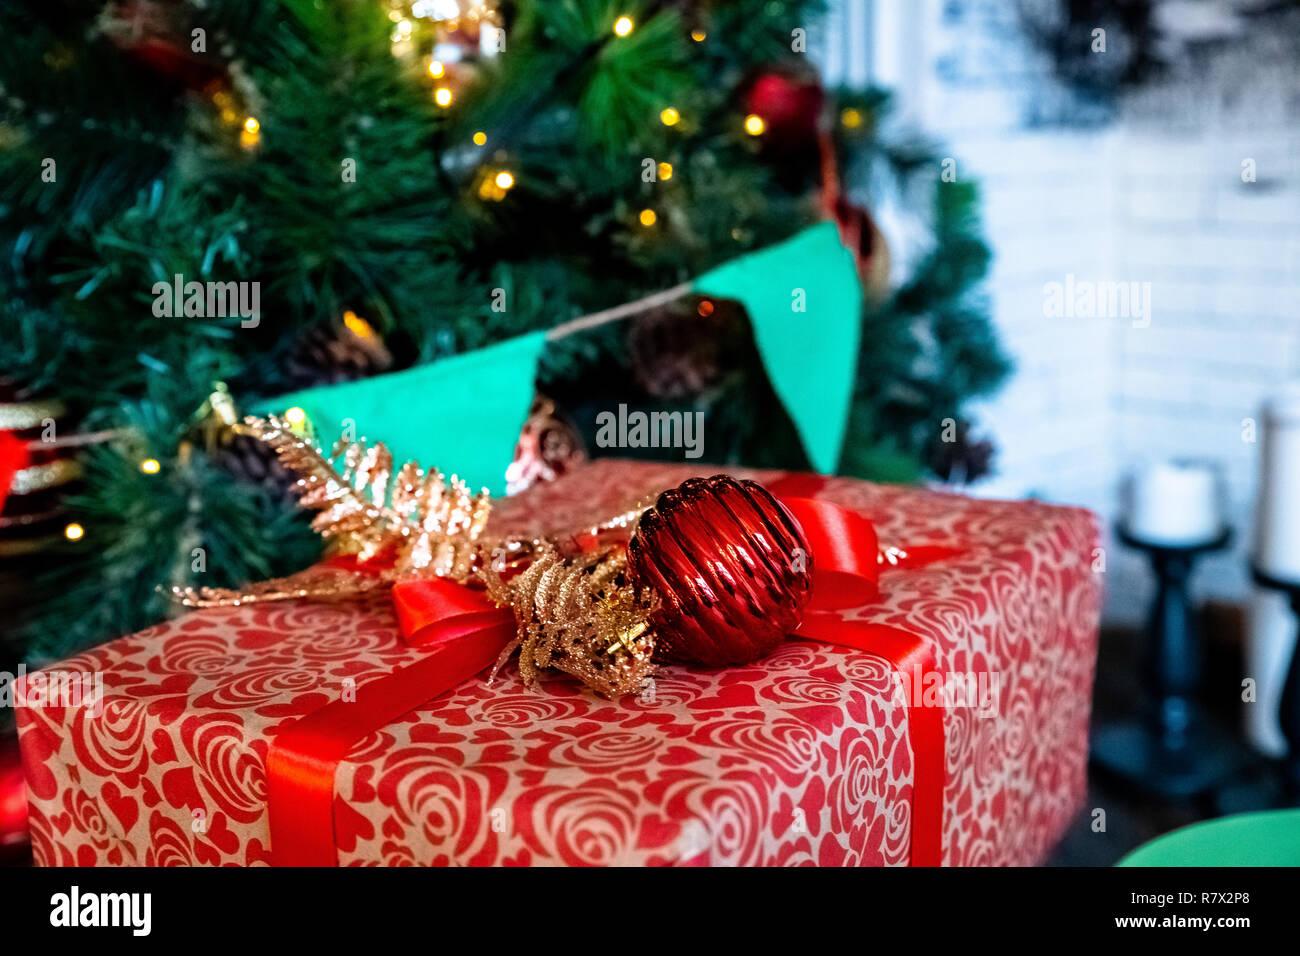 Decorazioni Natalizie Per La Camera bellissimo regalo di natale scatole sul pavimento vicino a